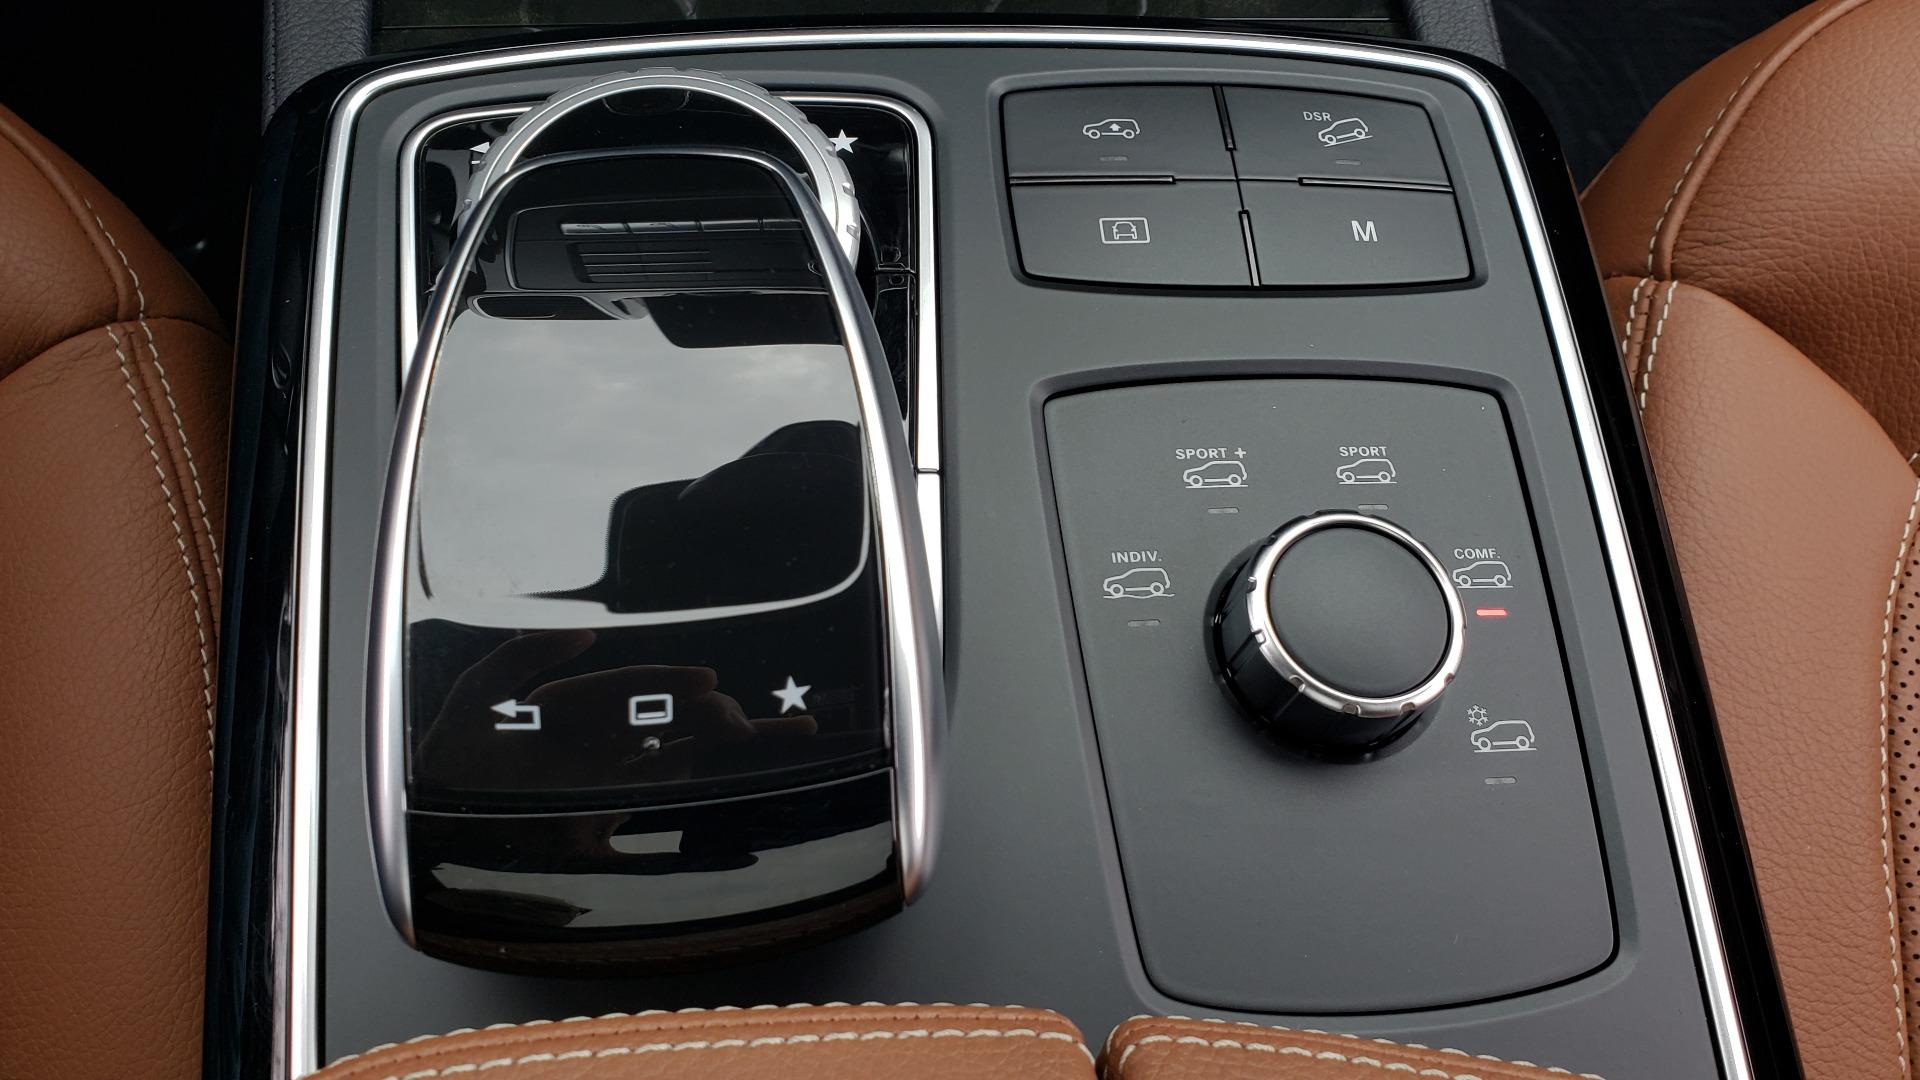 Used 2016 Mercedes-Benz GLE 450 AMG / AWD / PREM PKG / PARK ASST / DRVR ASST / SUNROOF for sale Sold at Formula Imports in Charlotte NC 28227 55